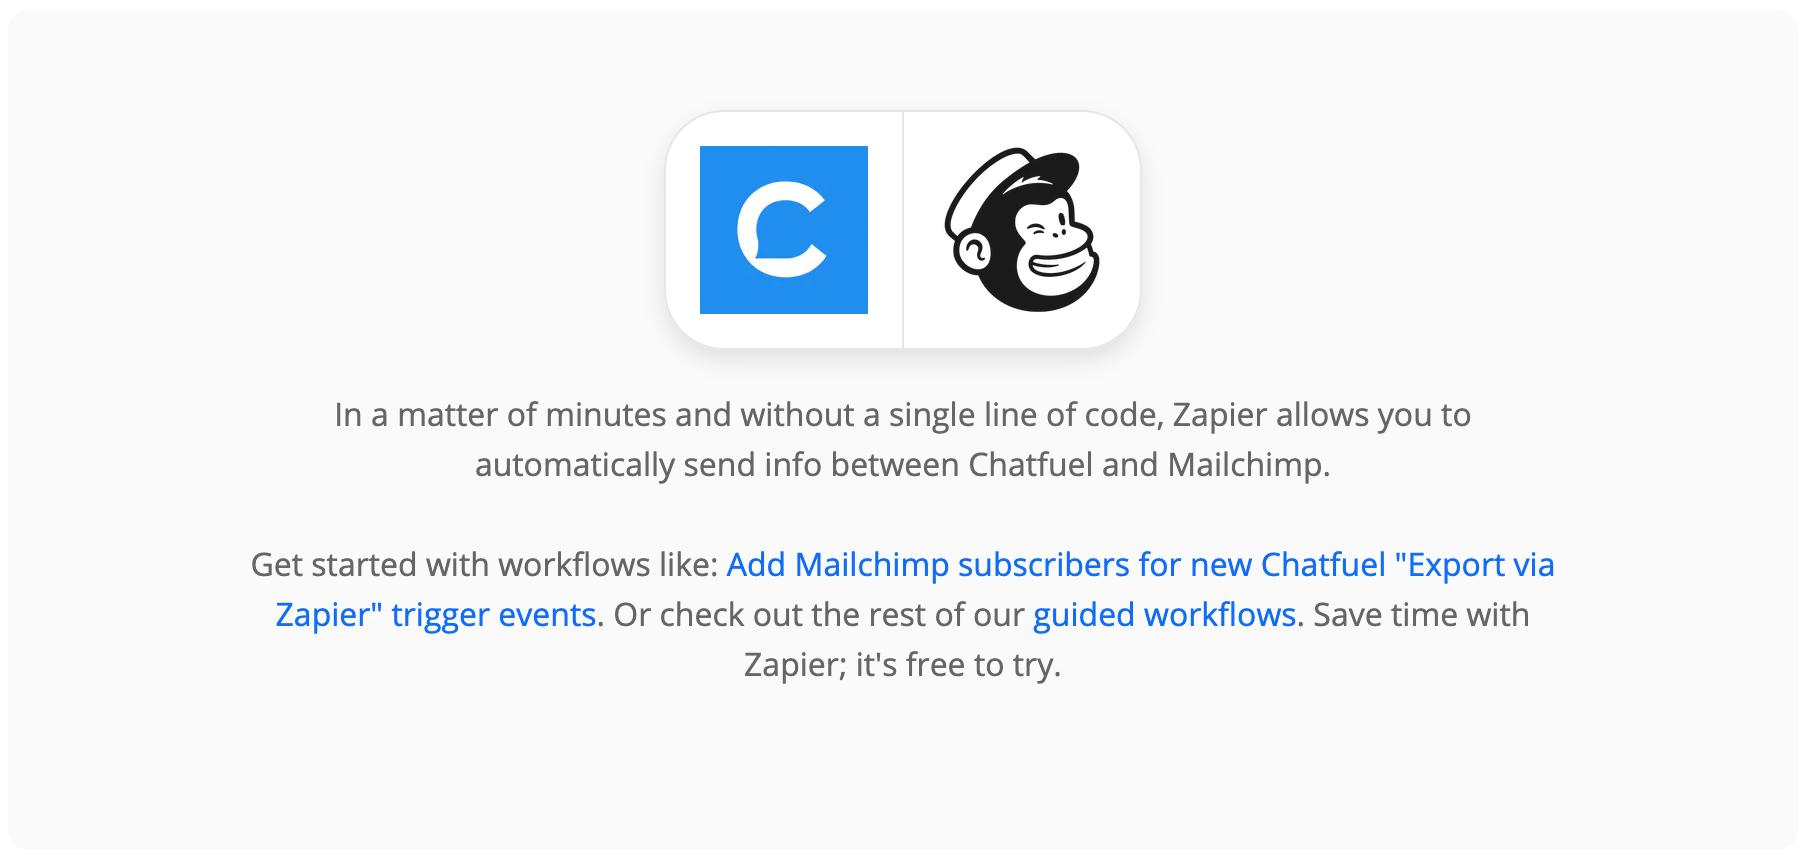 chatfuel mailchimp